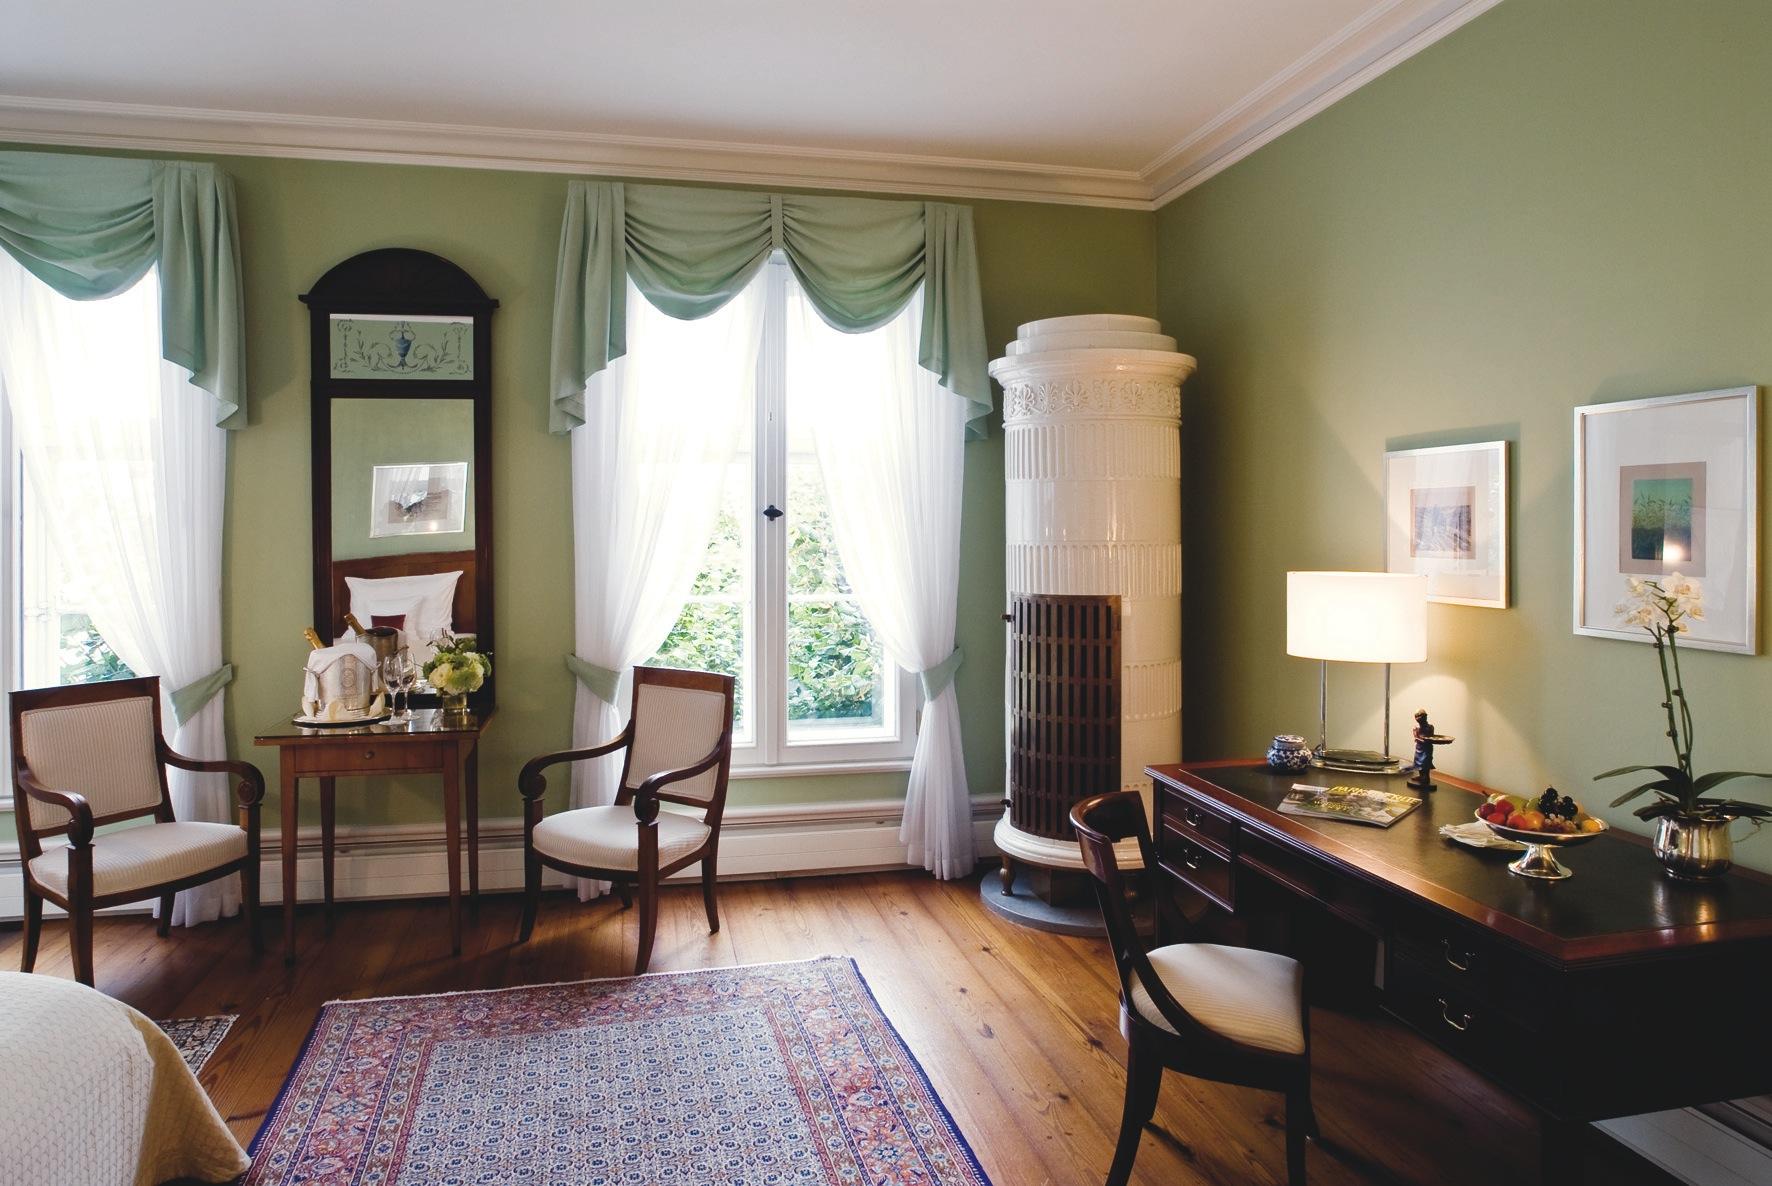 Das Liebermannzimmer liegt im ältesten Teil des Hotel Louis C. Jacob. Dieses wunderschön gestaltete Zimmer ist dem Künstler Max Liebermann gewidmet / © Louis C. Jacob